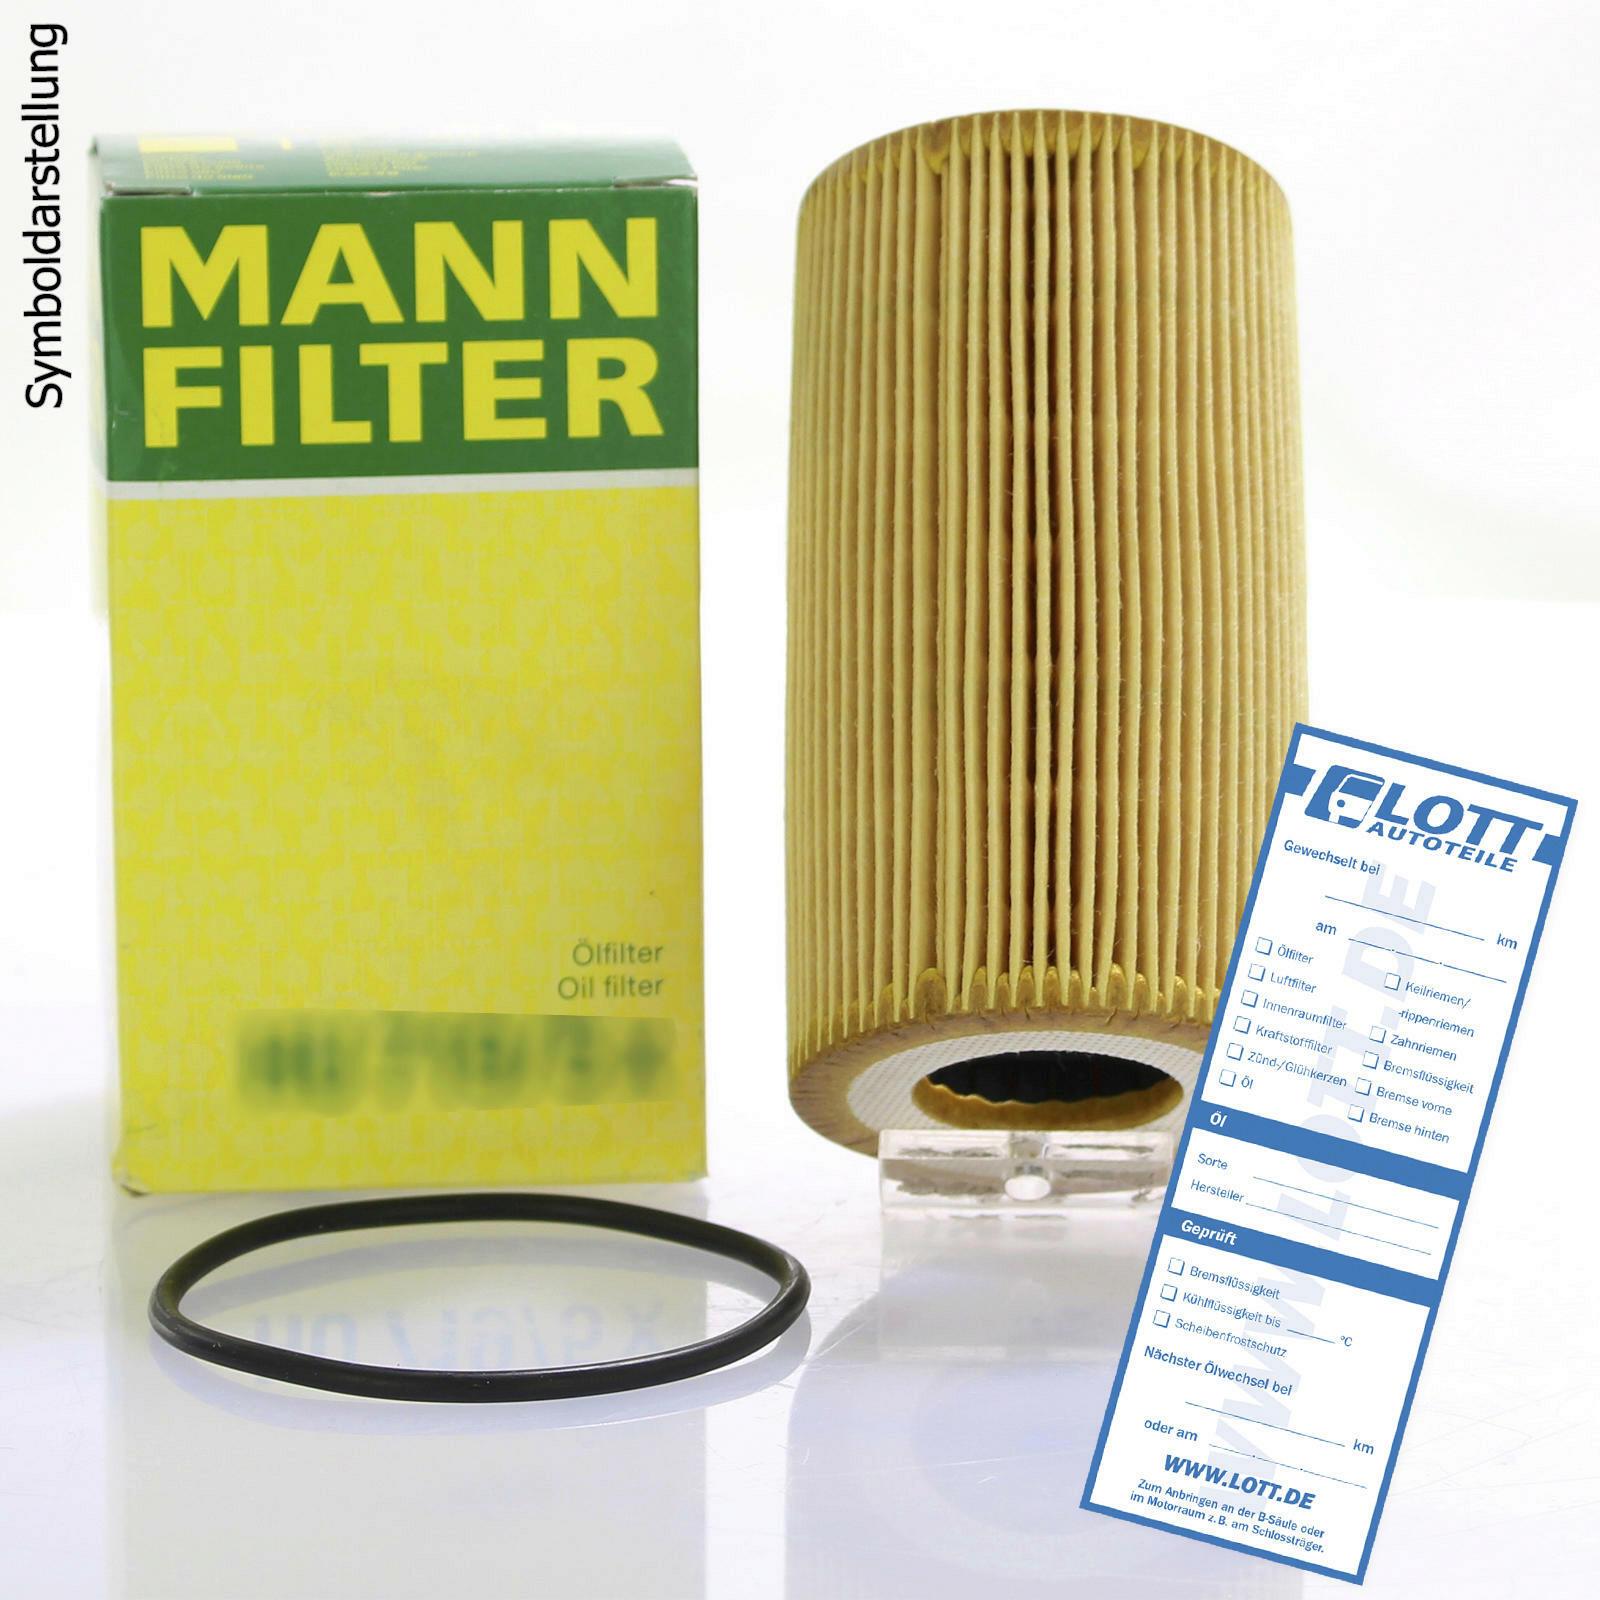 MANN-FILTER Oil Filter